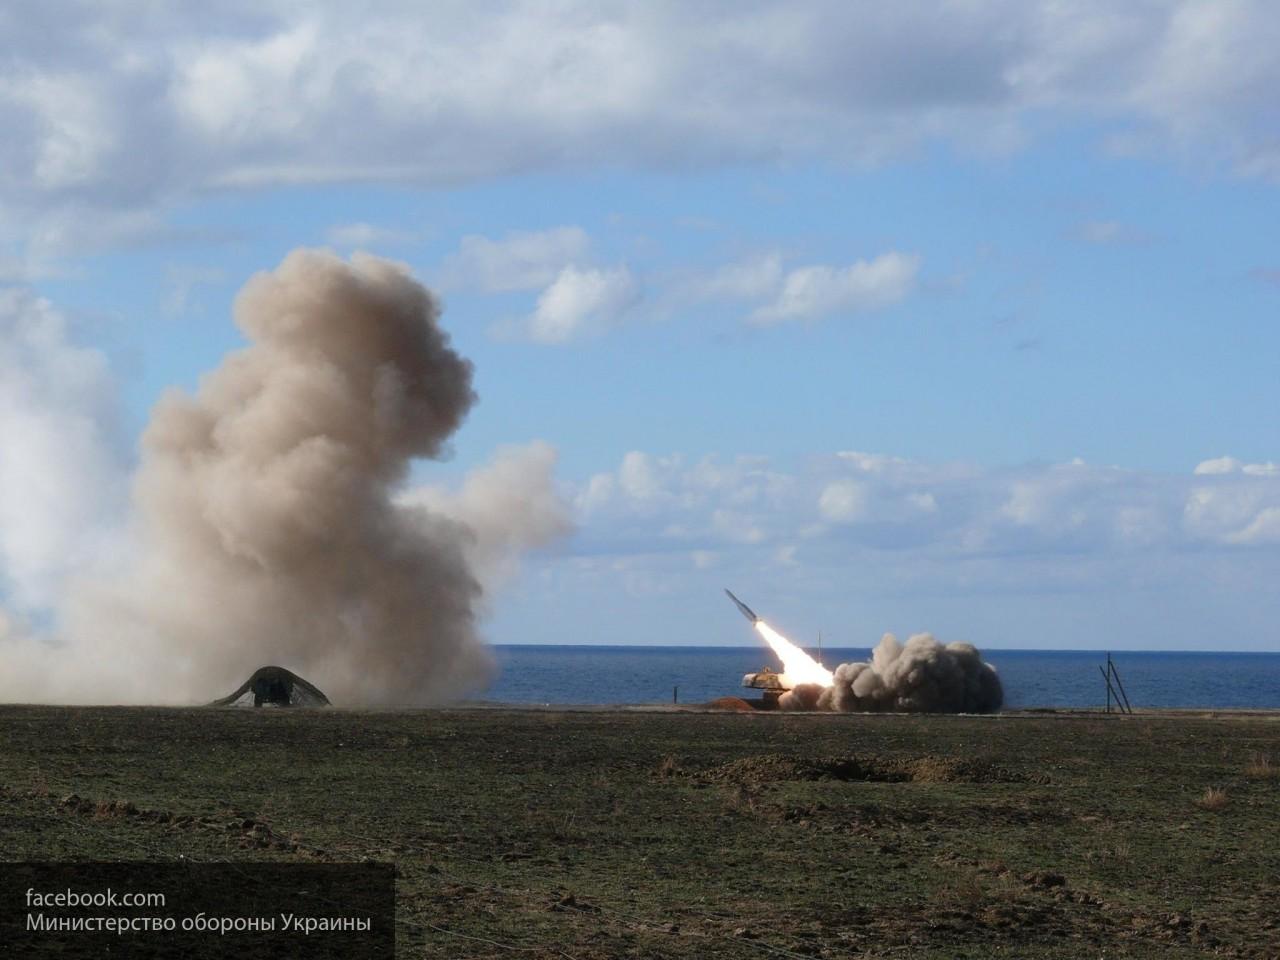 Россия испытала новую ракету системы ПРО